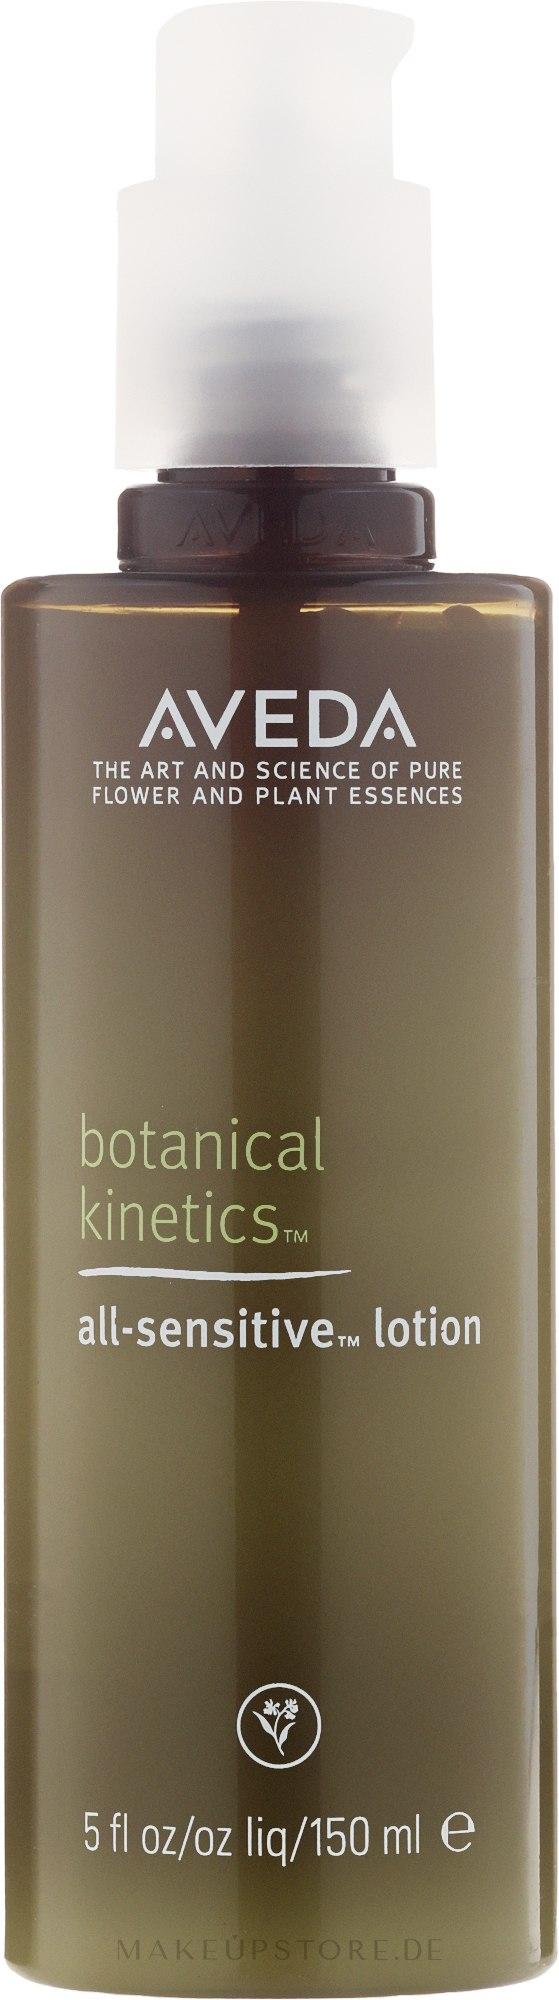 Feuchtigkeitsspendende Gesichtslotion für empfindliche Haut - Aveda Botanical Kinetics All Sensitive Moisturizer — Bild 150 ml